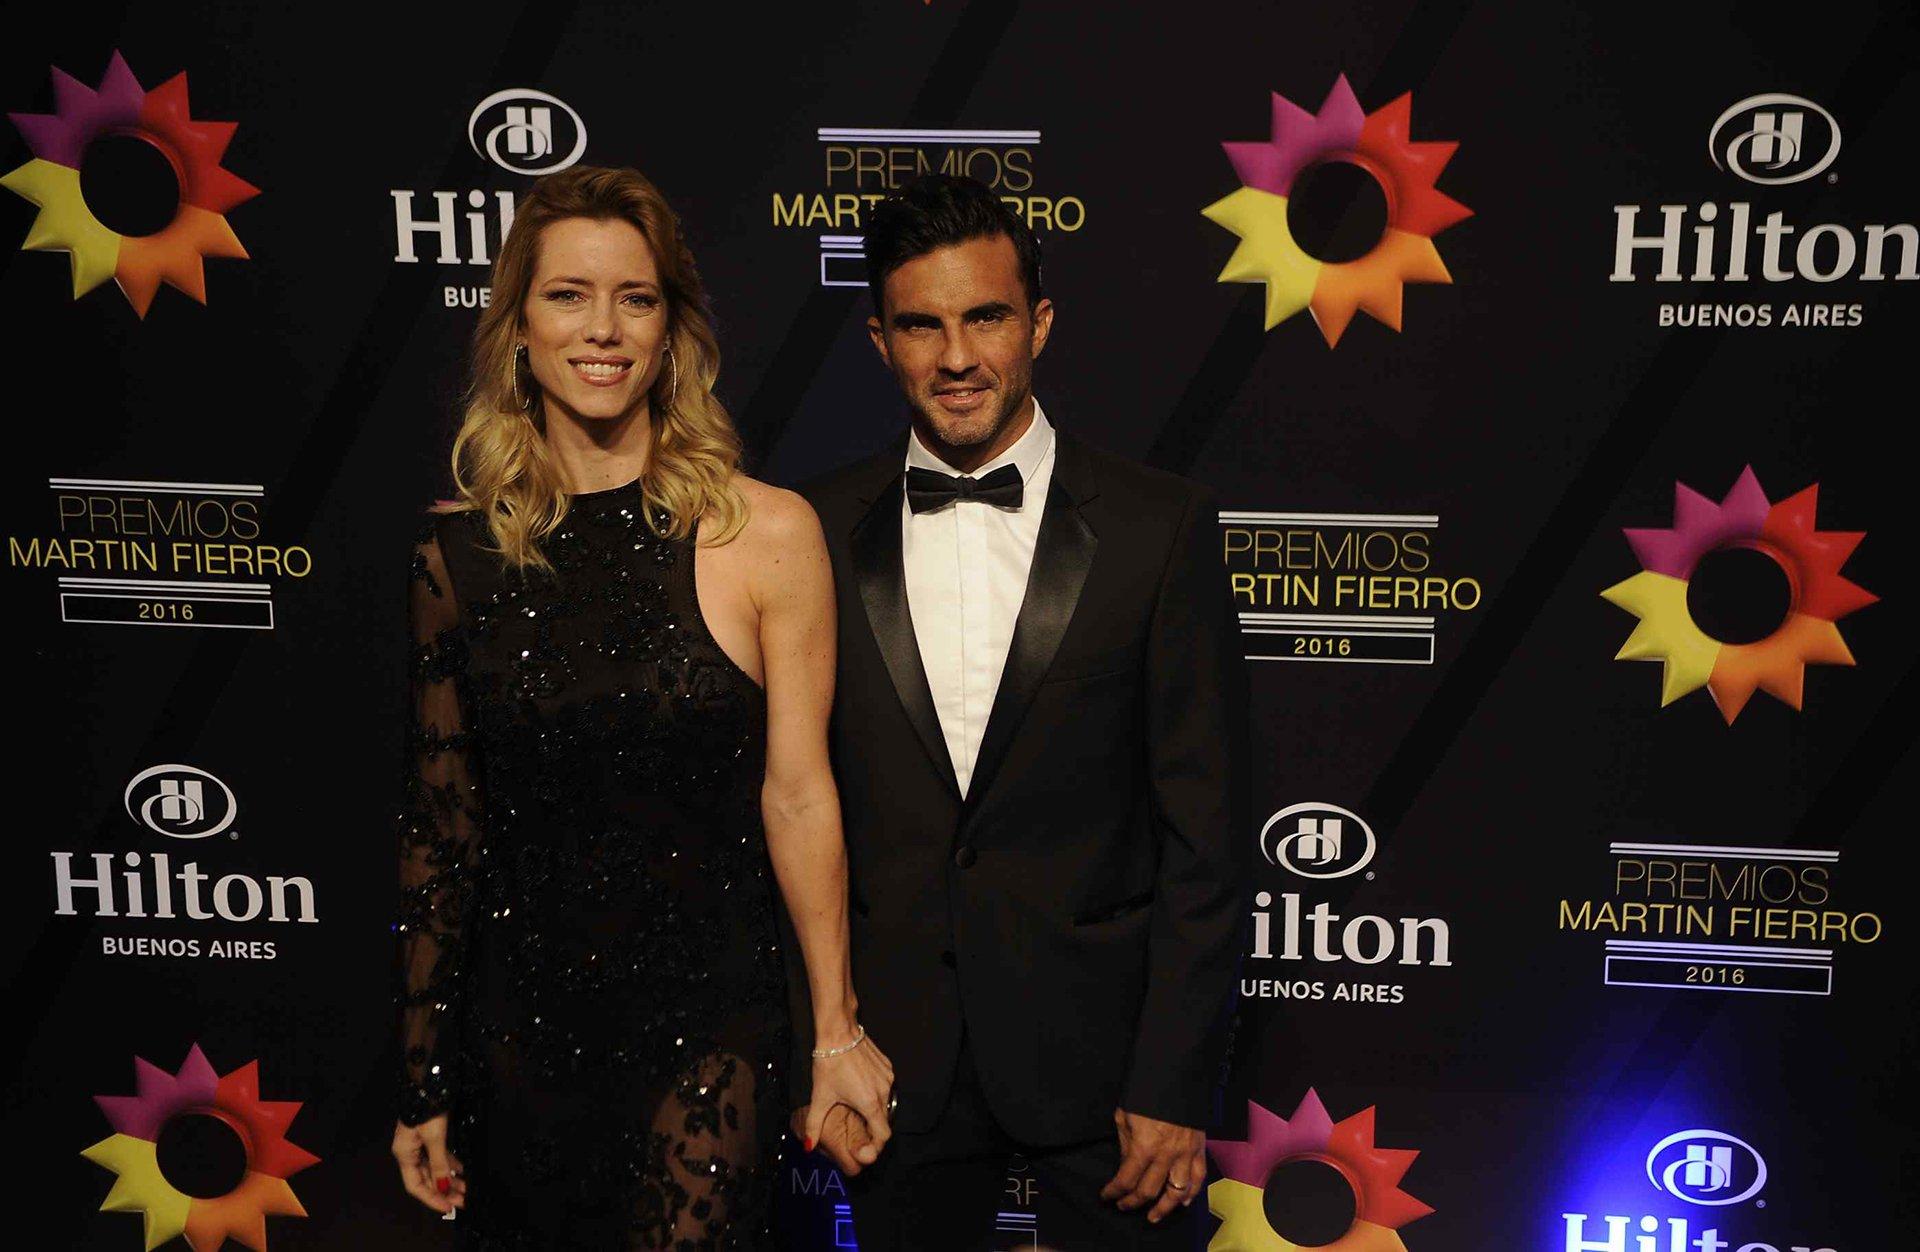 La modelo Nicole Neumann y el futbolista y capitán de Vélez Sarsfield Fabián Cubero, otros de los invitados en la noche de los Martín Fierro